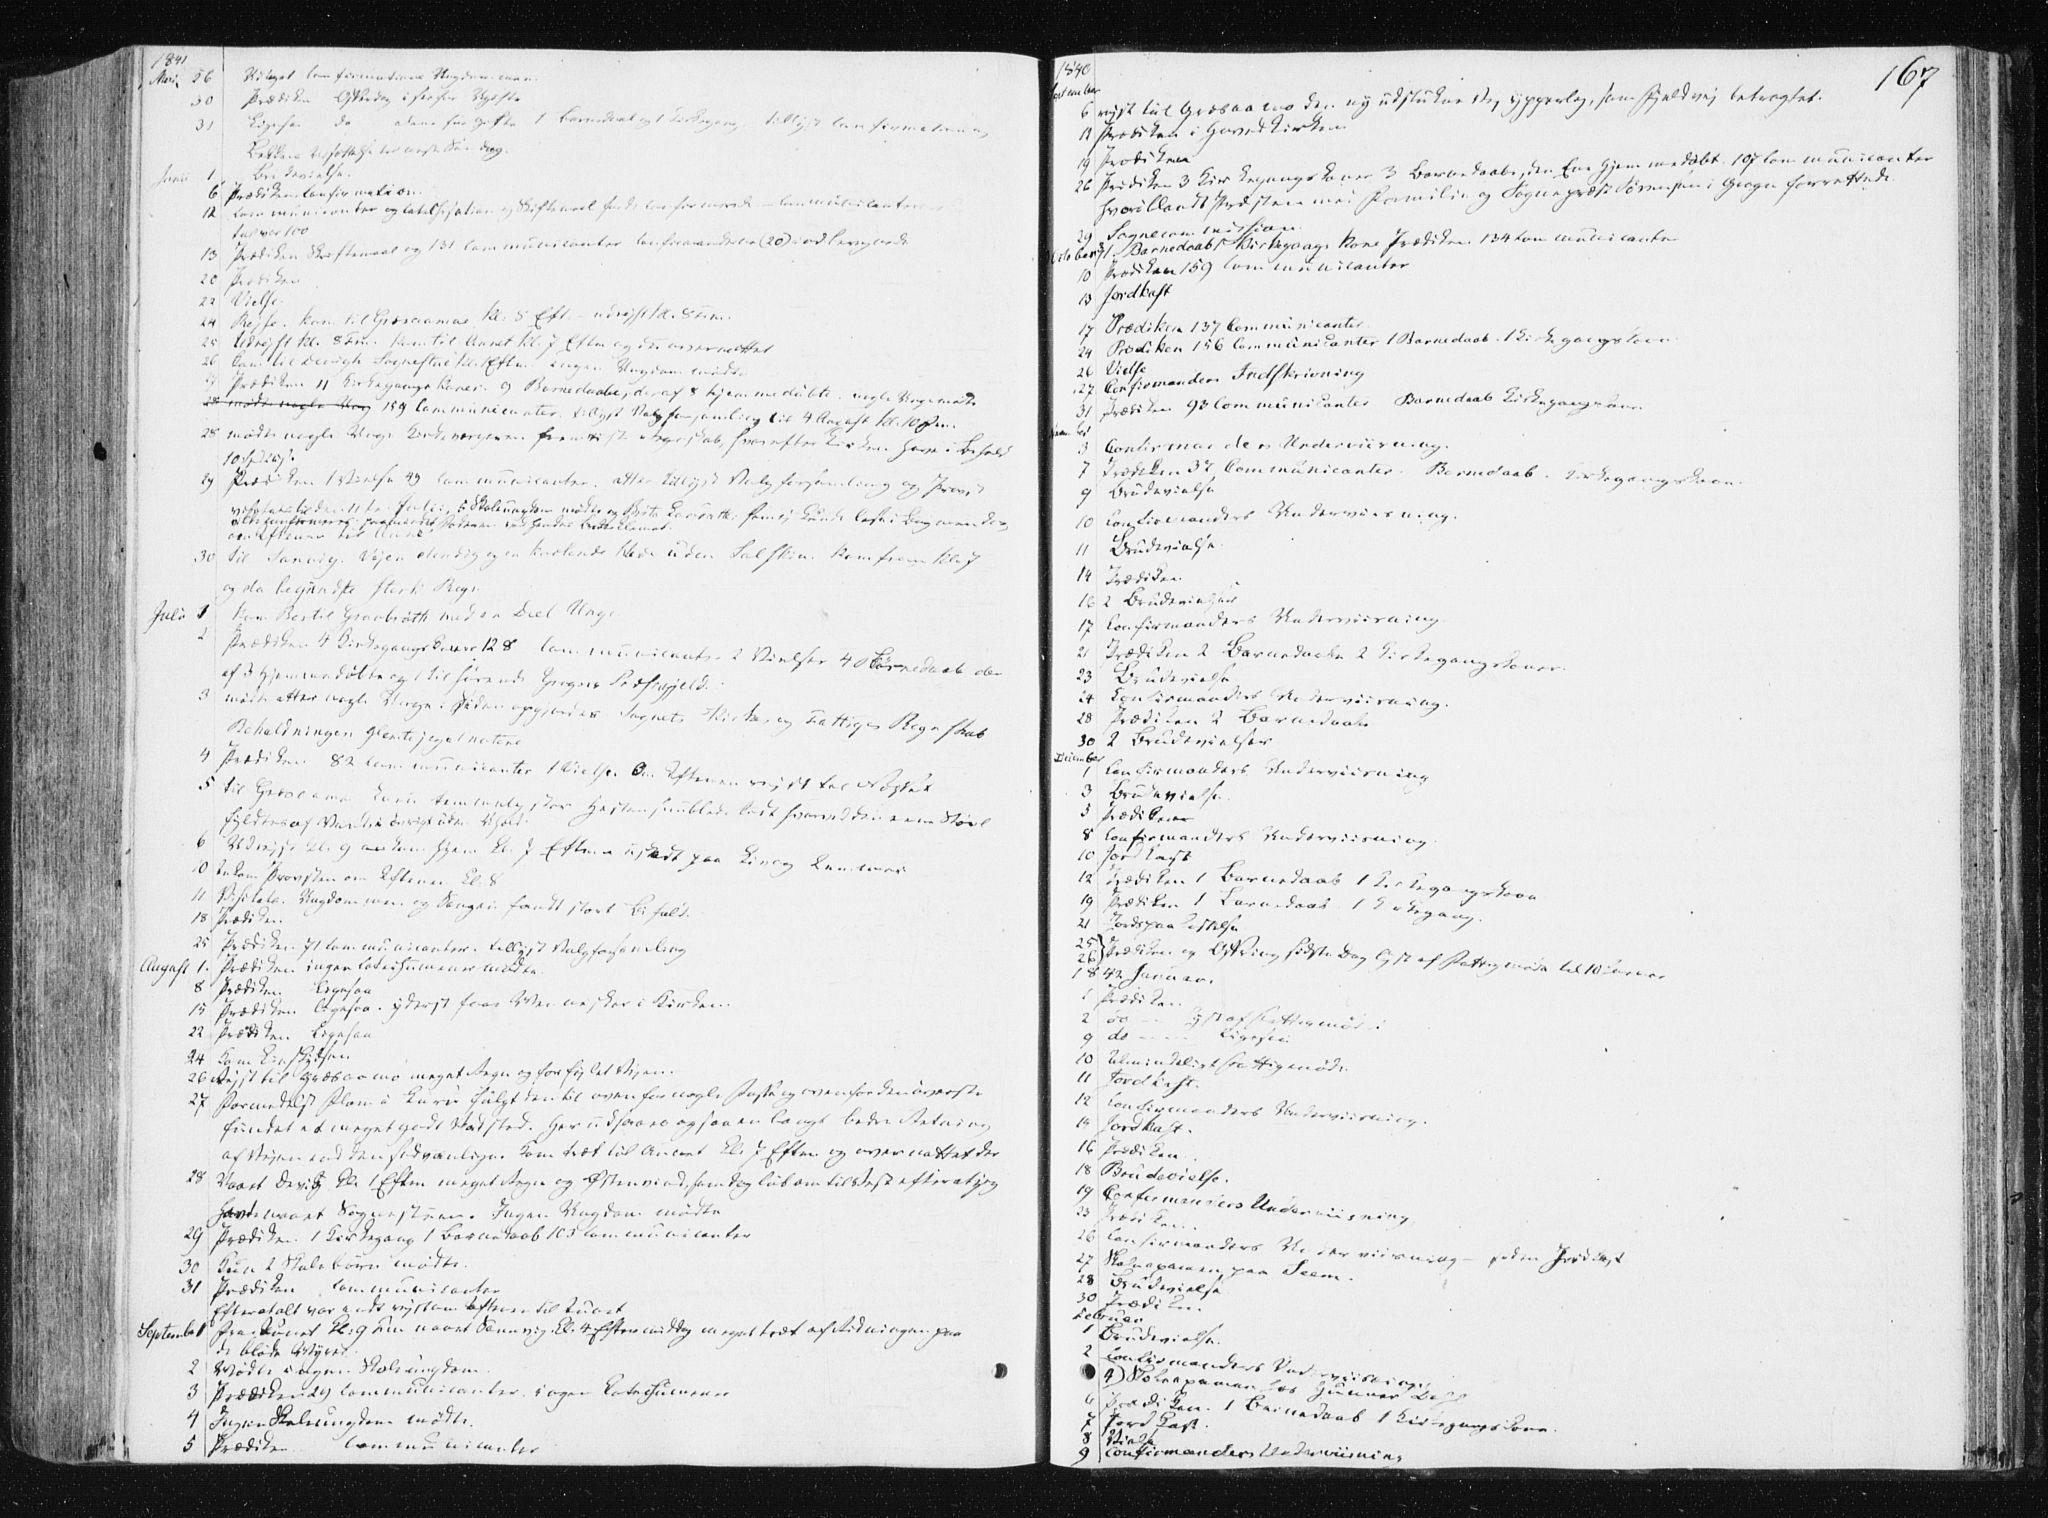 SAT, Ministerialprotokoller, klokkerbøker og fødselsregistre - Nord-Trøndelag, 749/L0470: Ministerialbok nr. 749A04, 1834-1853, s. 167